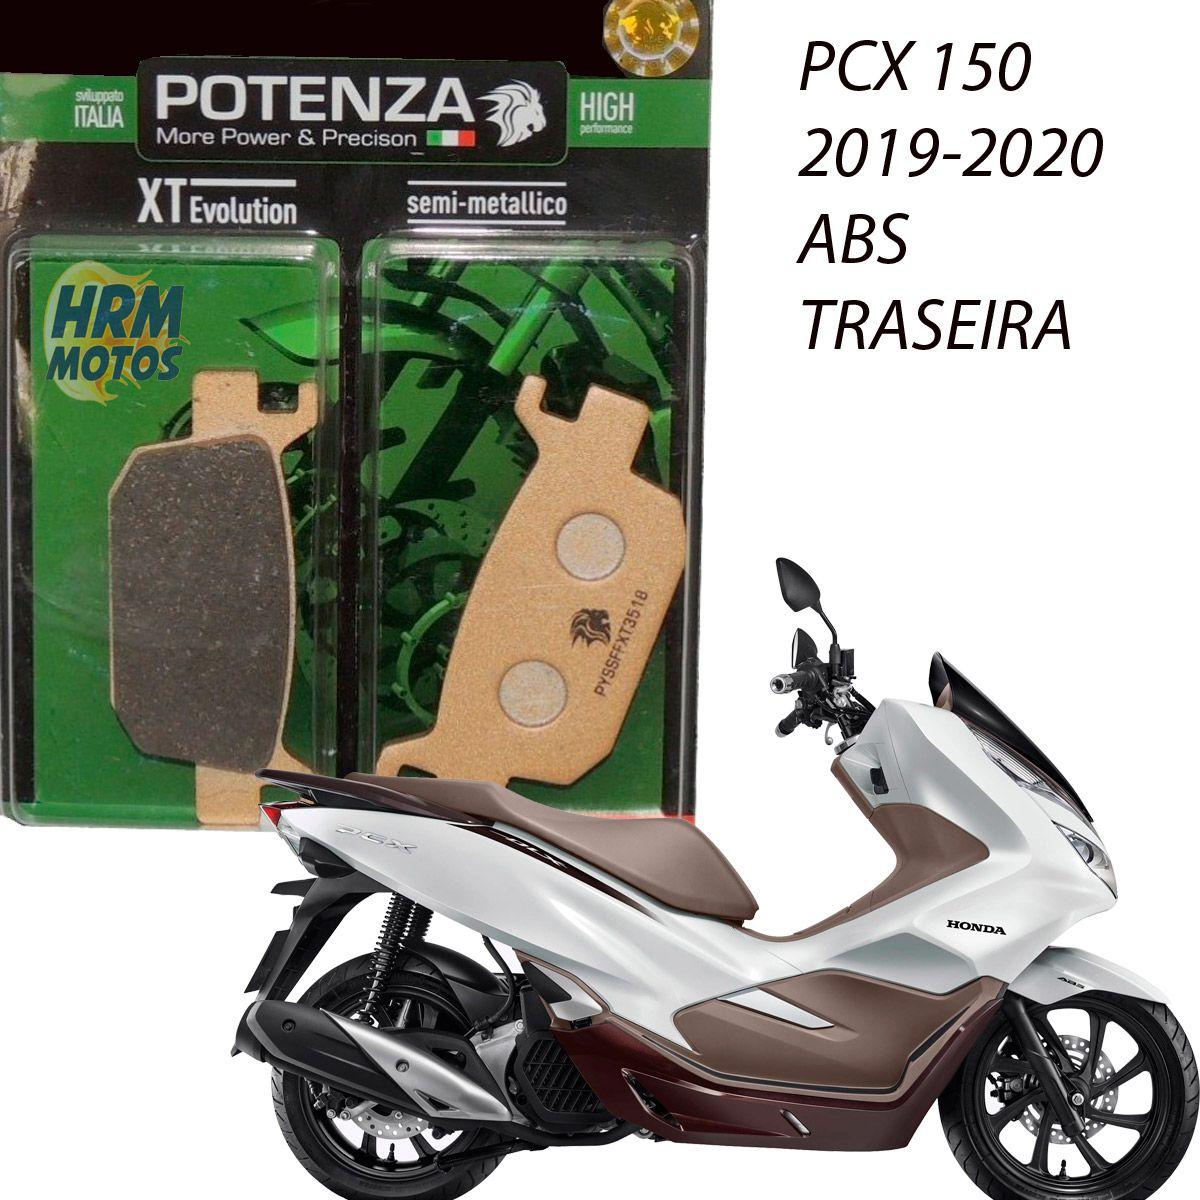 Pastilha Freio PCX 150 2019/2020 ABS Traseira Potenza